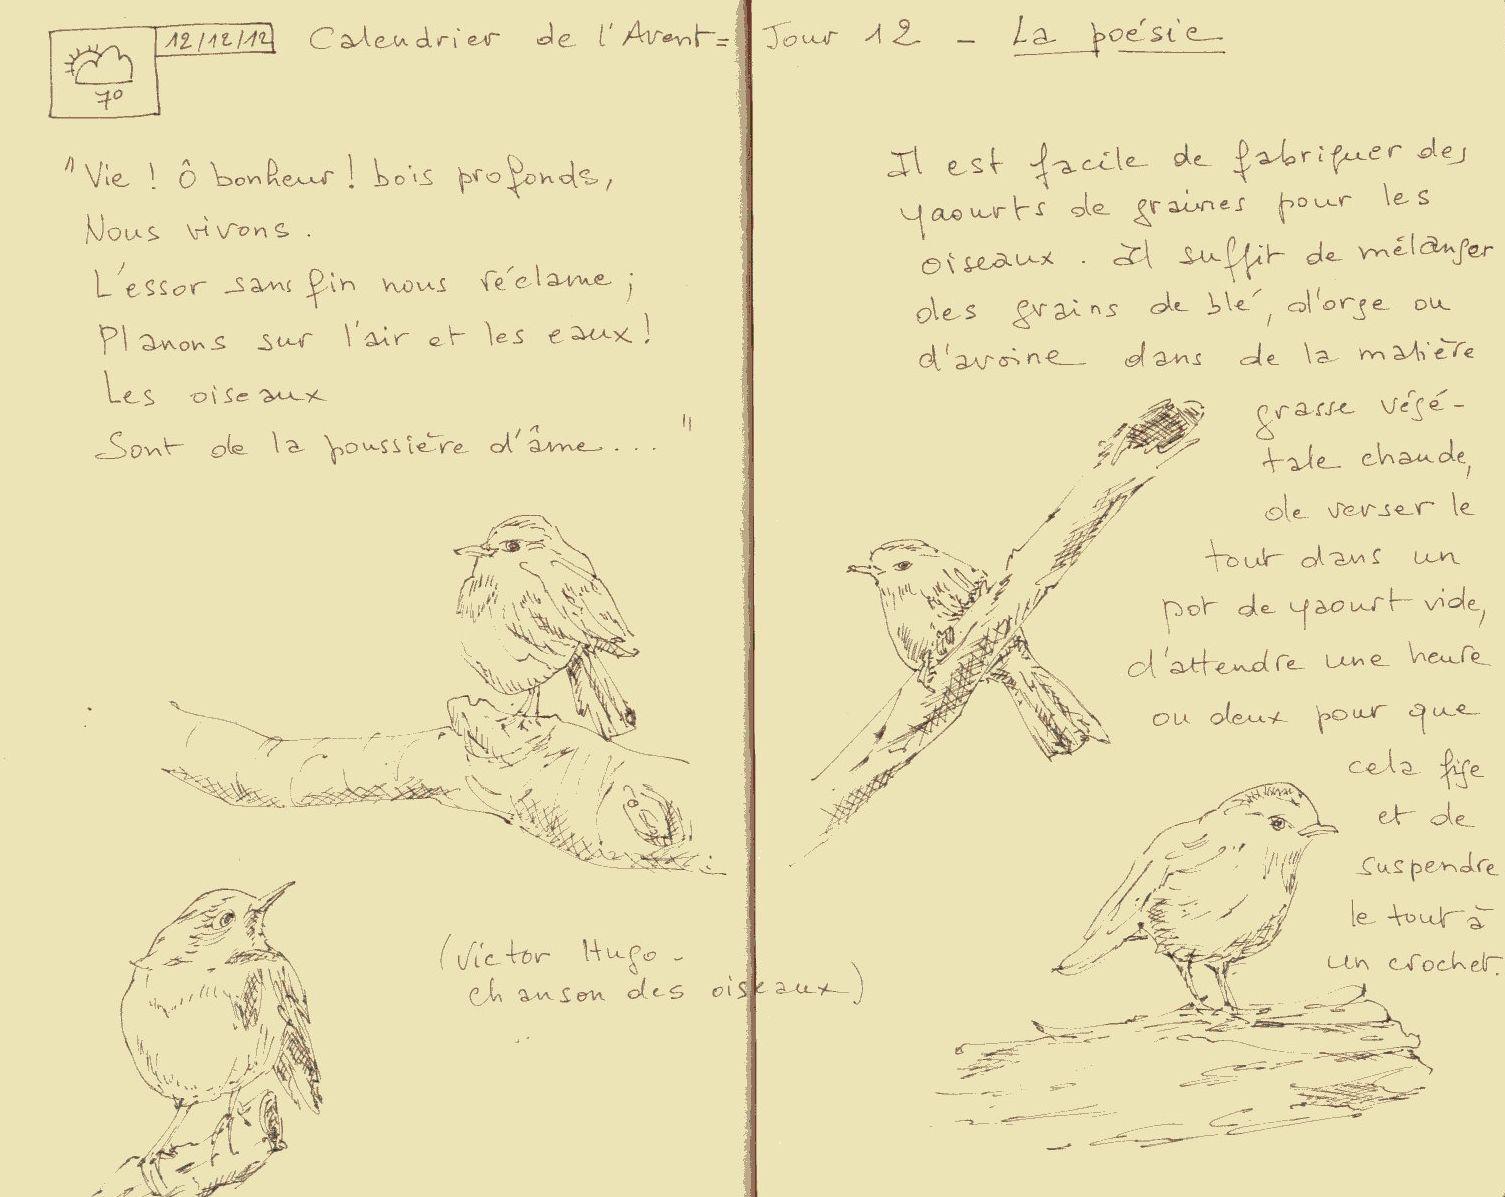 Sketchbook Calendrier De Lavent Jour 12 La Poésie